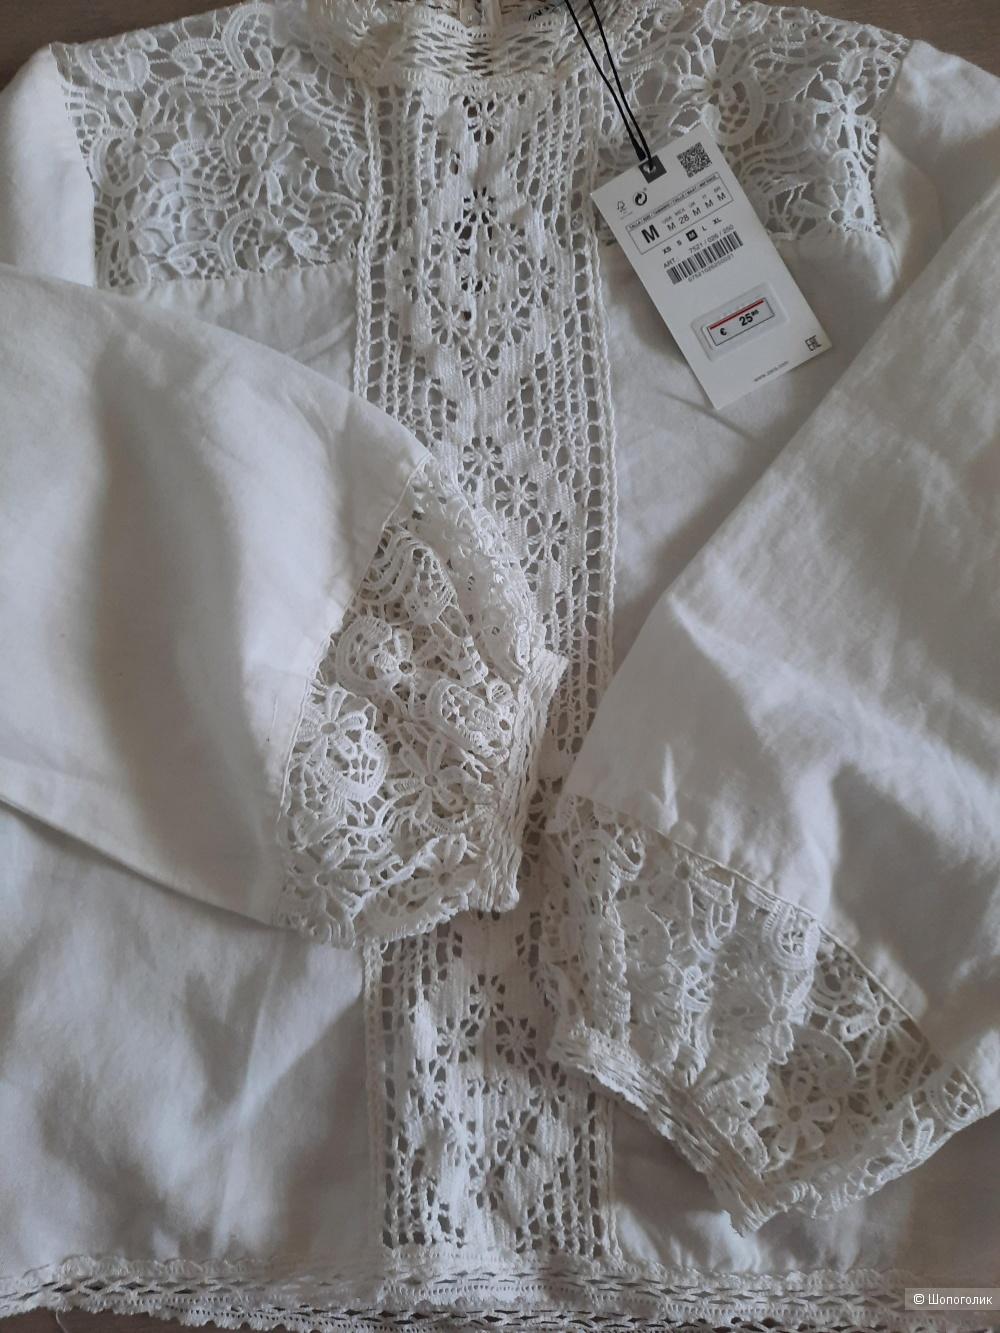 Блузка с кружевом Zara, размер M, с биркой